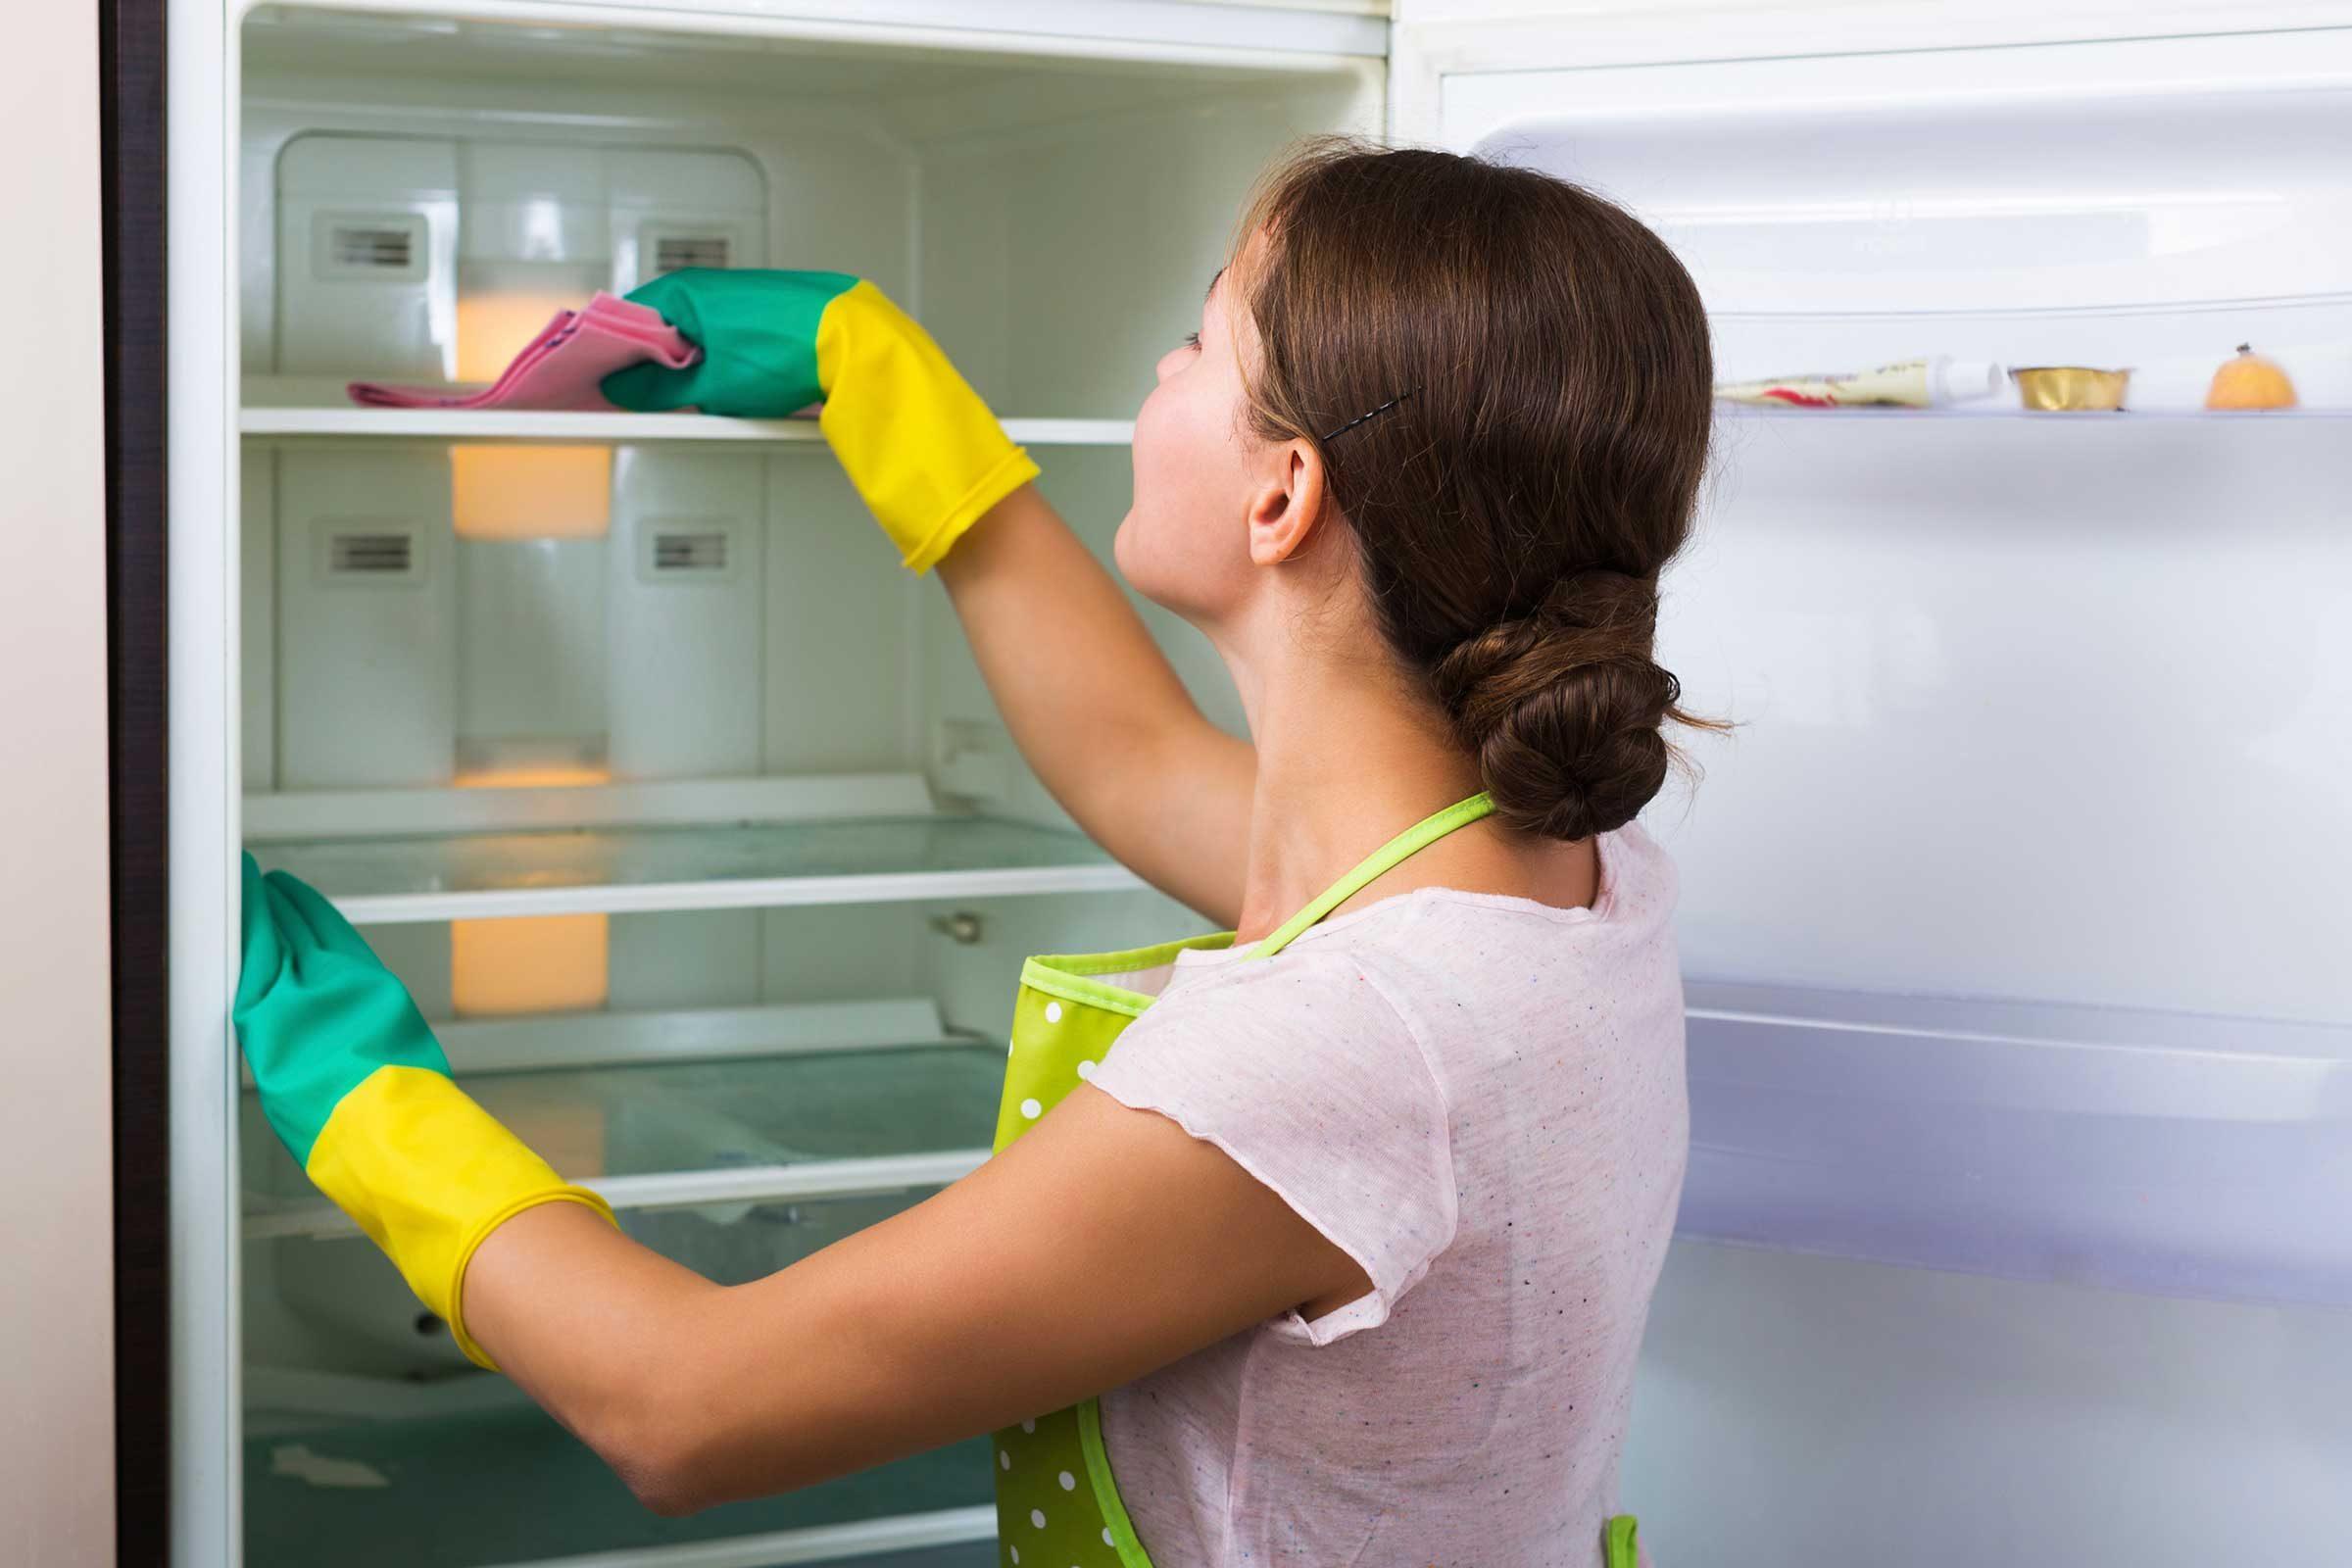 Le vinaigre est parfait pour nettoyer le réfrigérateur.